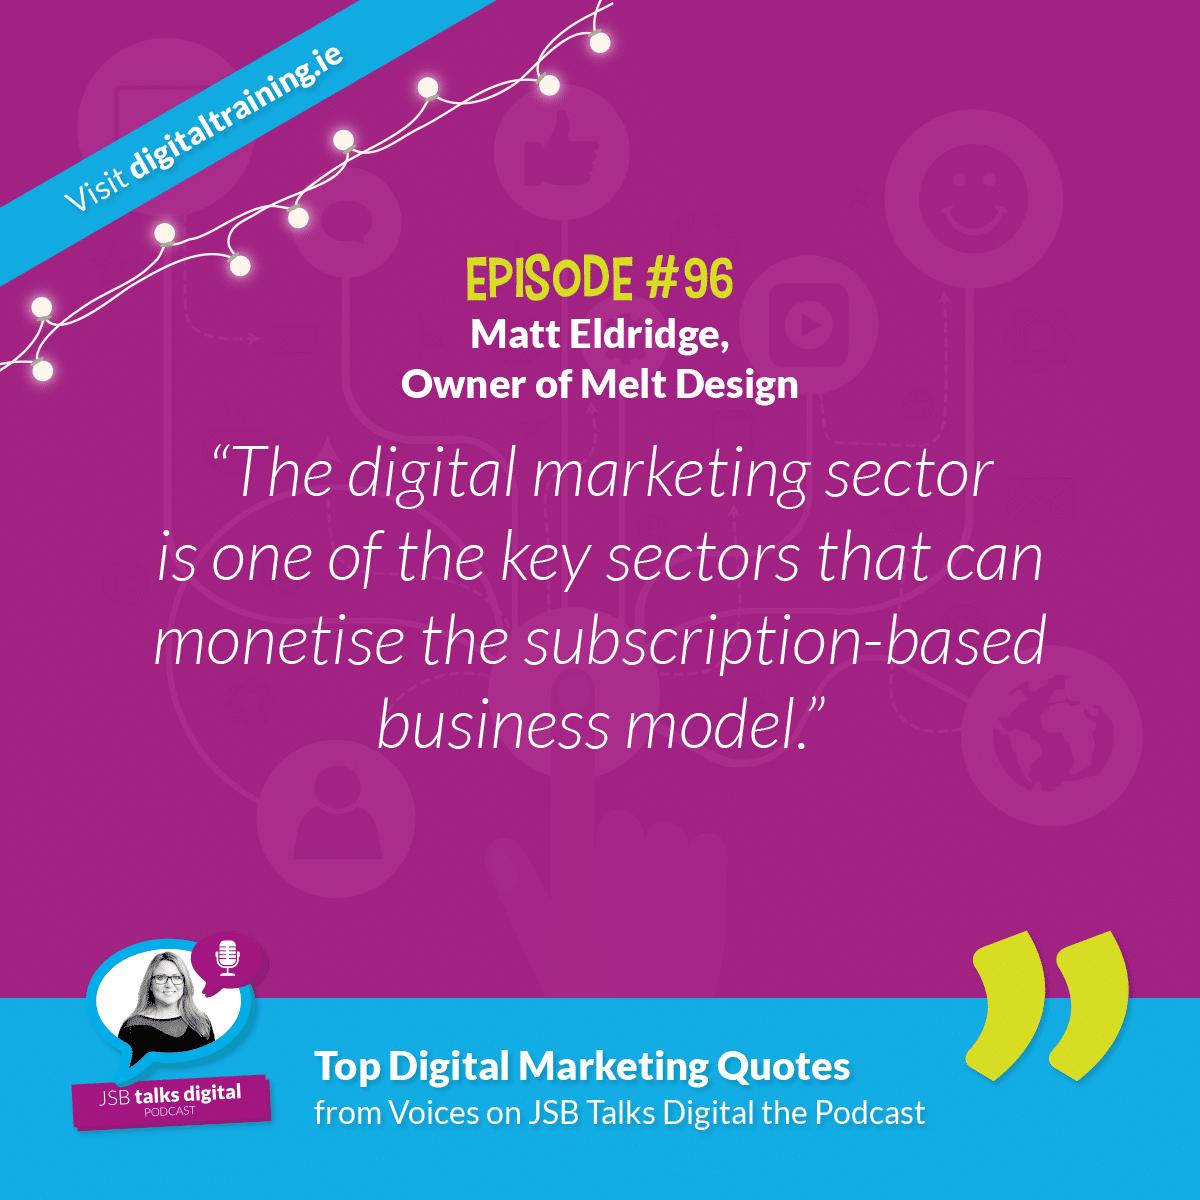 Matt Eldridge, Owner of Melt Design - Quote